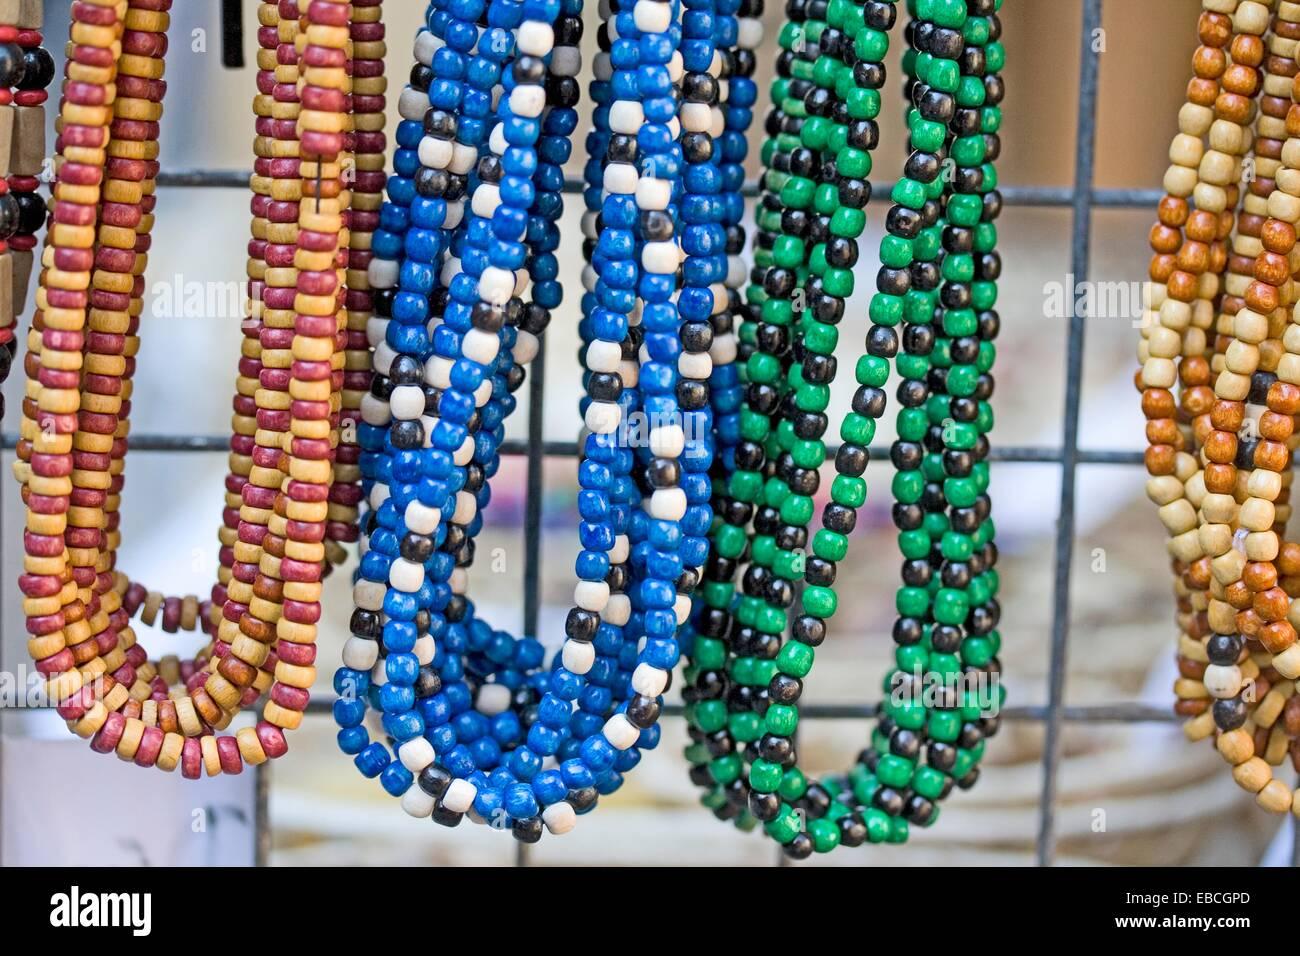 5ac6afbf87a5 Cordón de madera coloridas pulseras y collares abalorios artesanales crear  coloridos accesorios para ropa casual